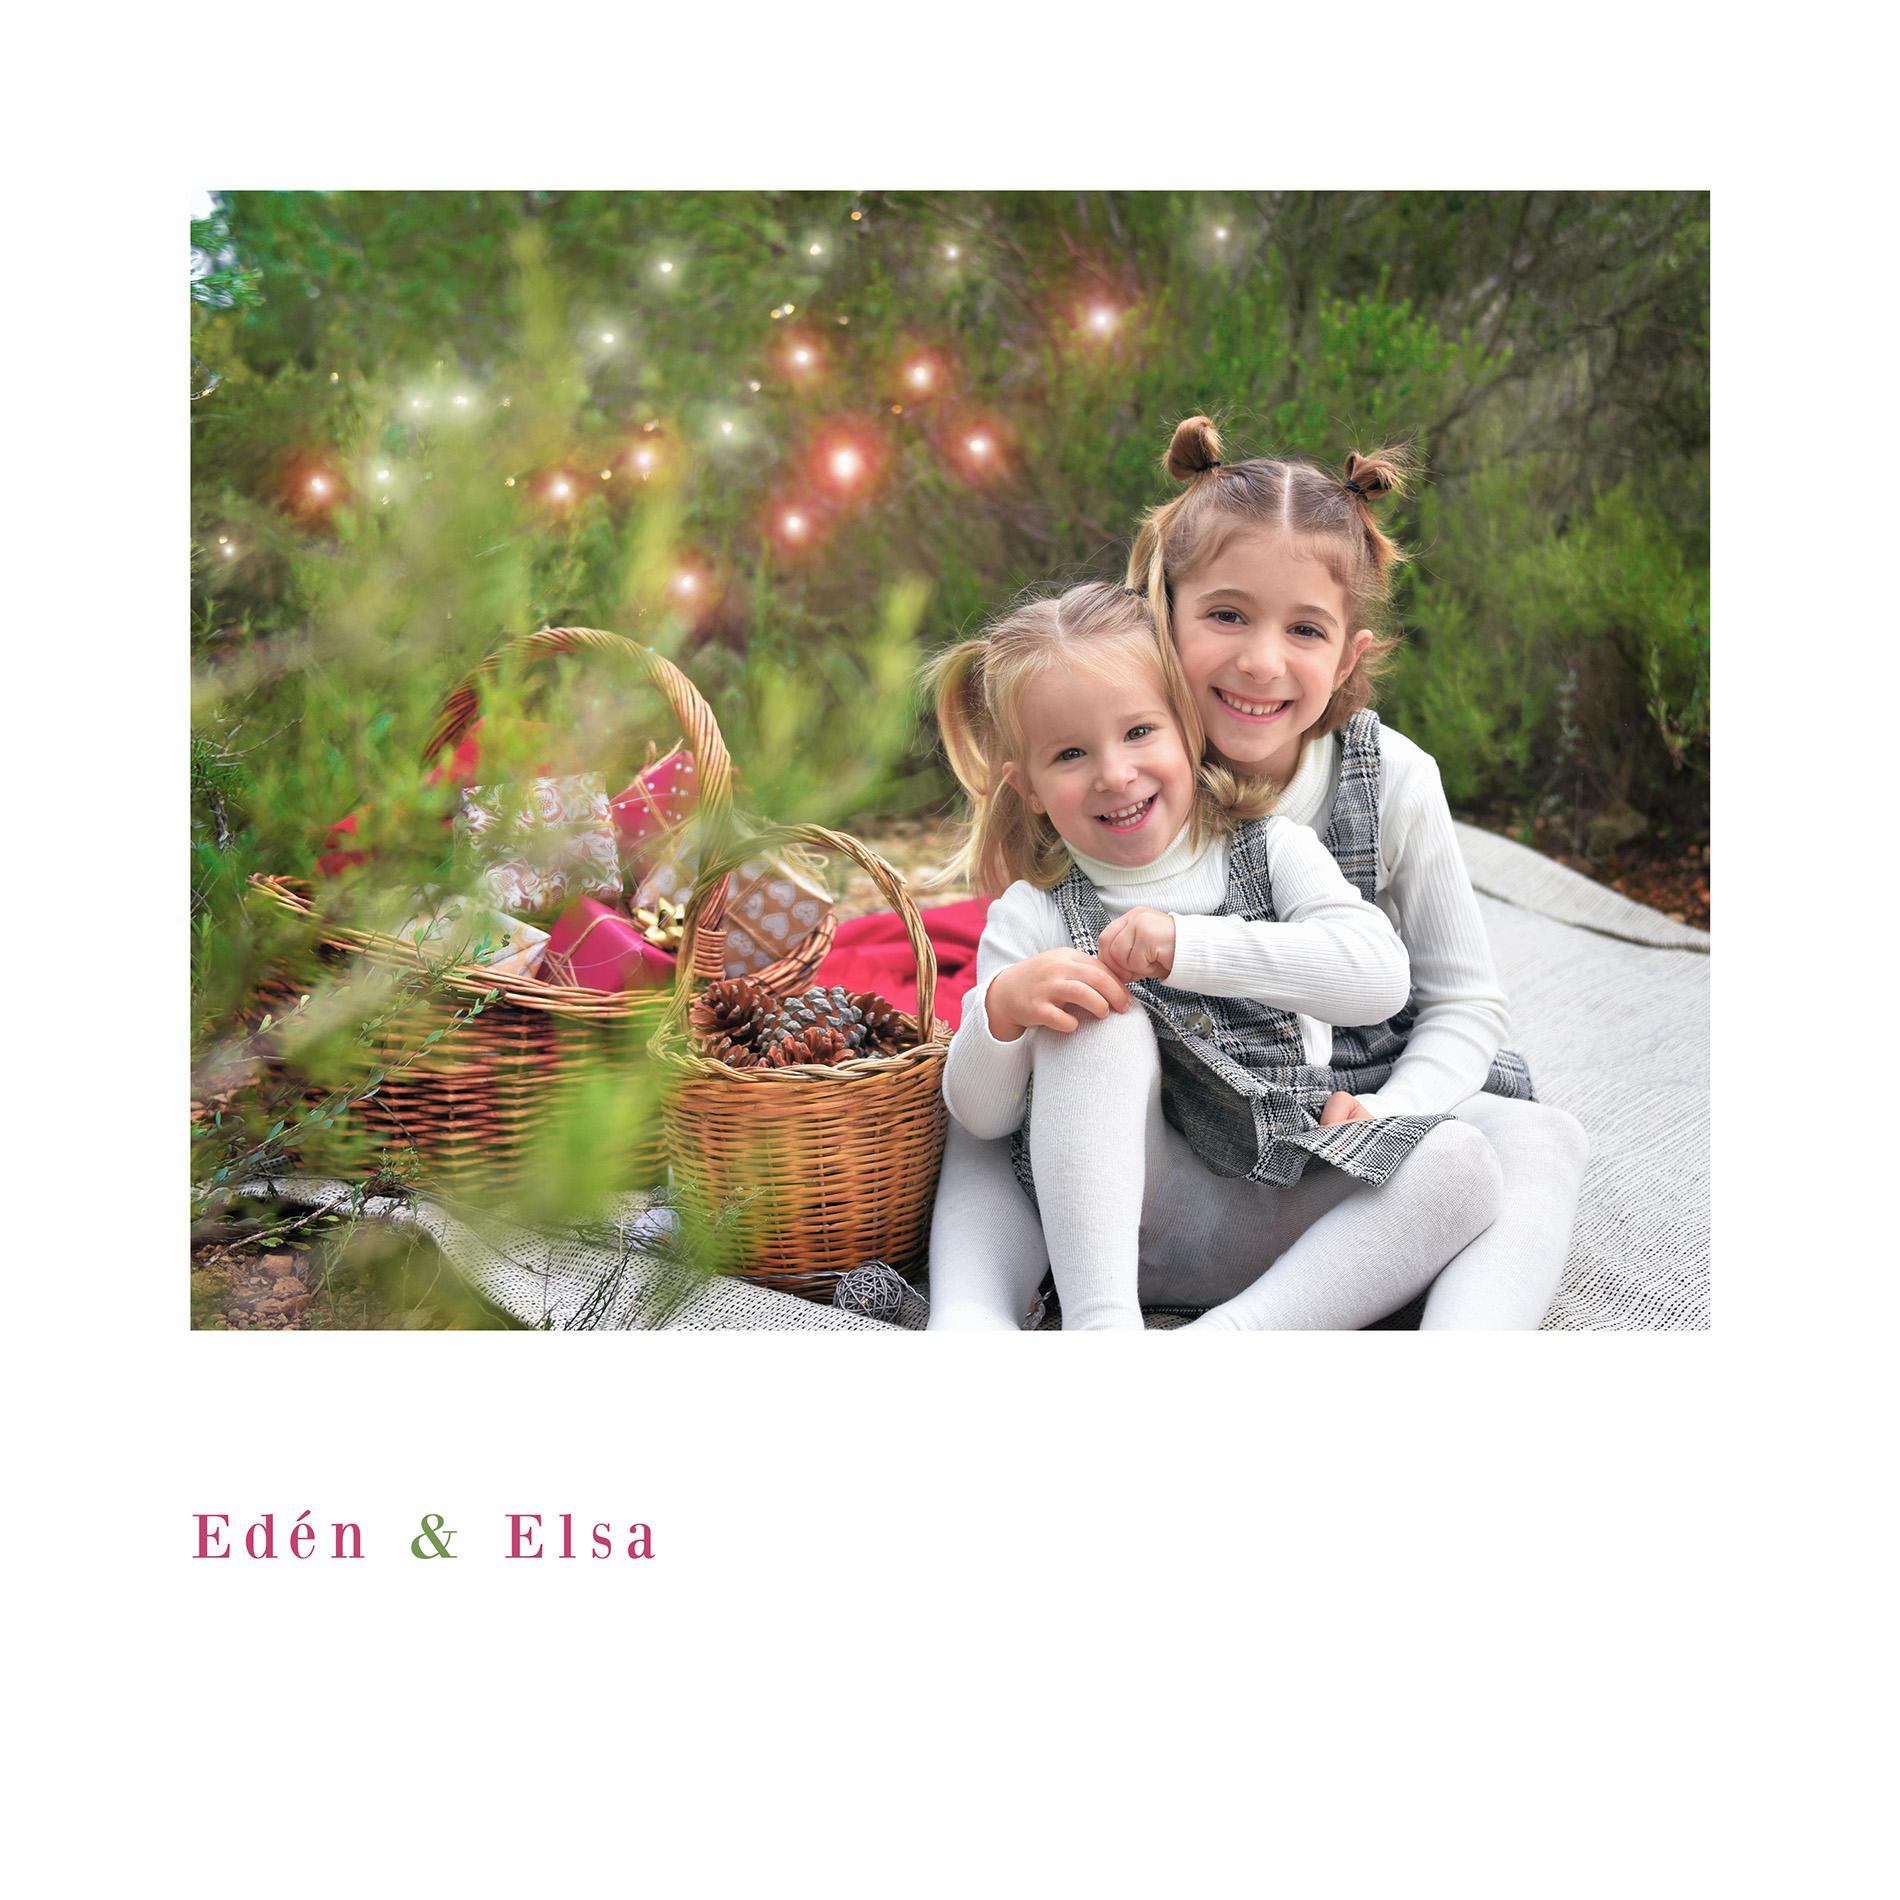 Edén & Elsa